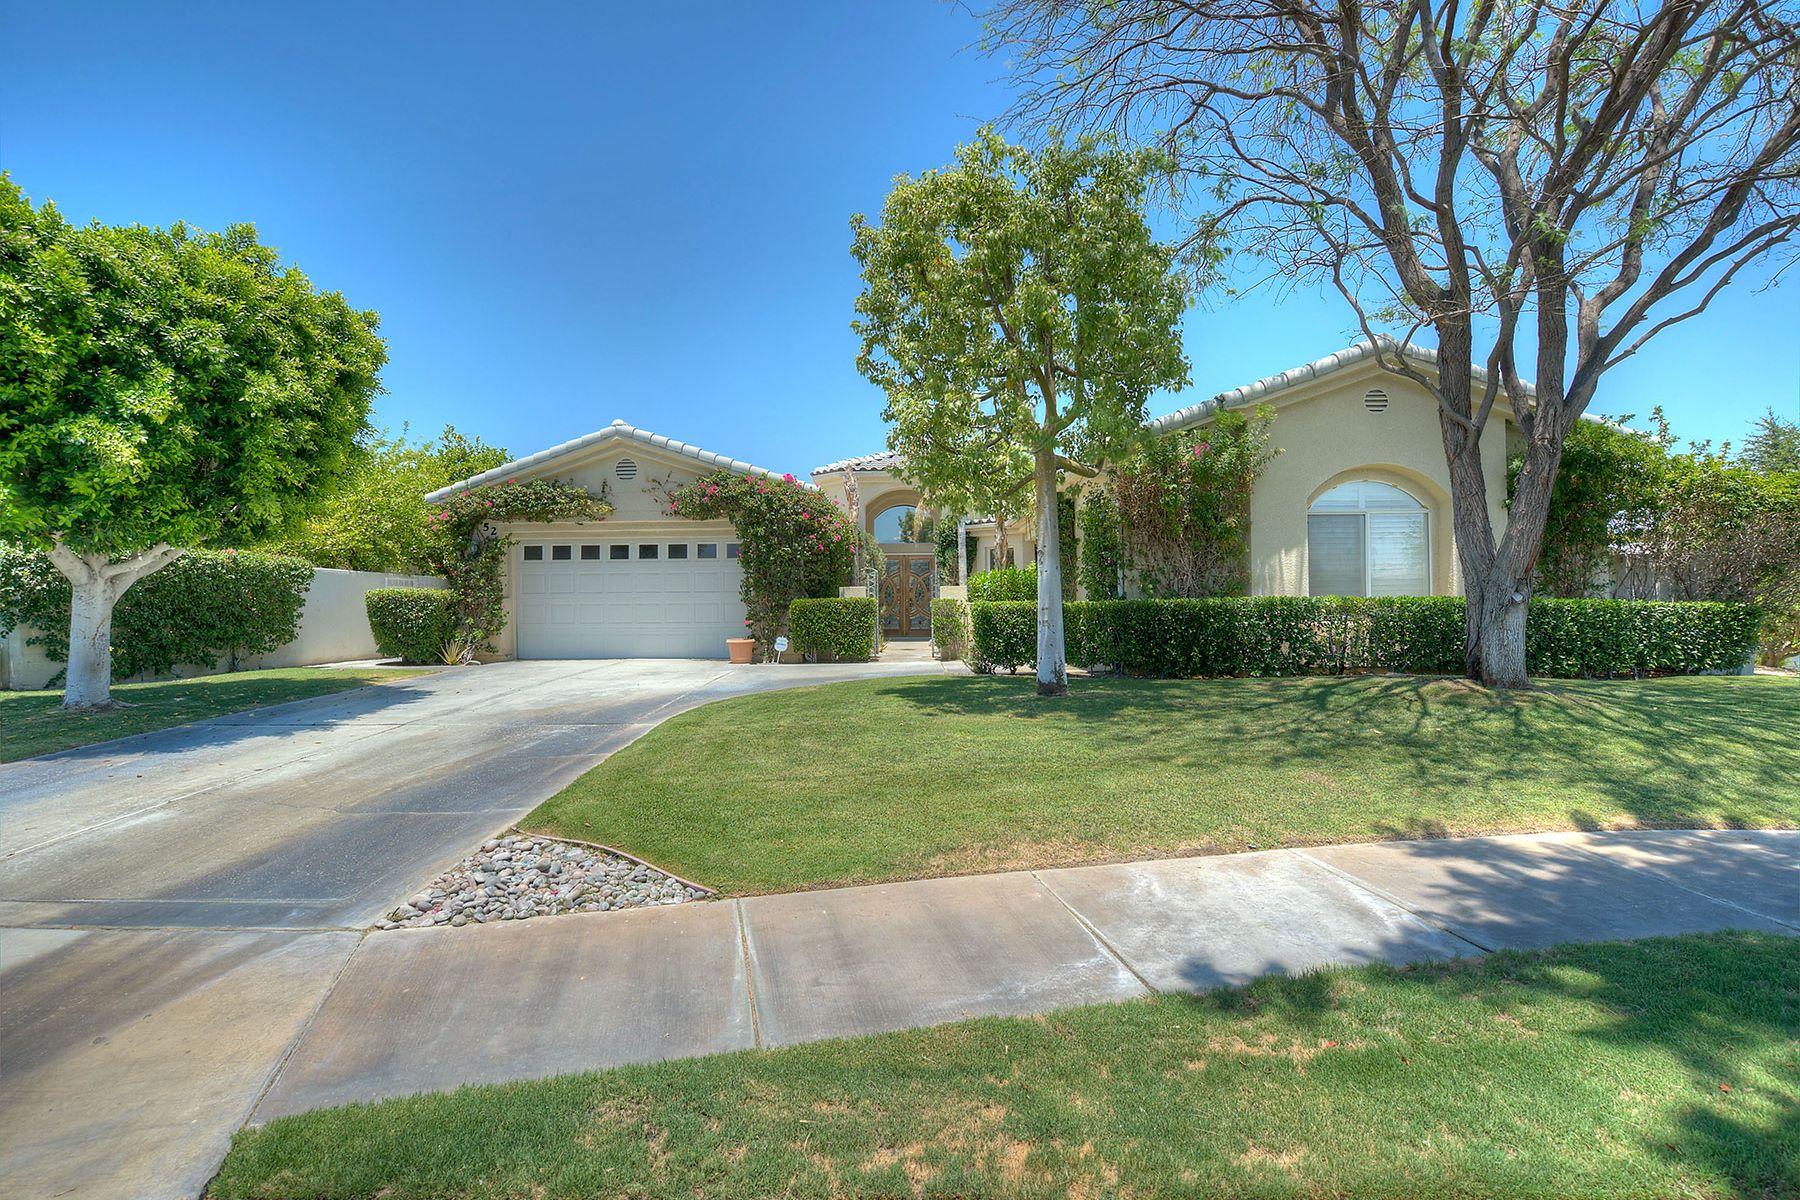 独户住宅 为 销售 在 52 Sherwood Rd Rancho Mirage, 加利福尼亚州, 92270 美国